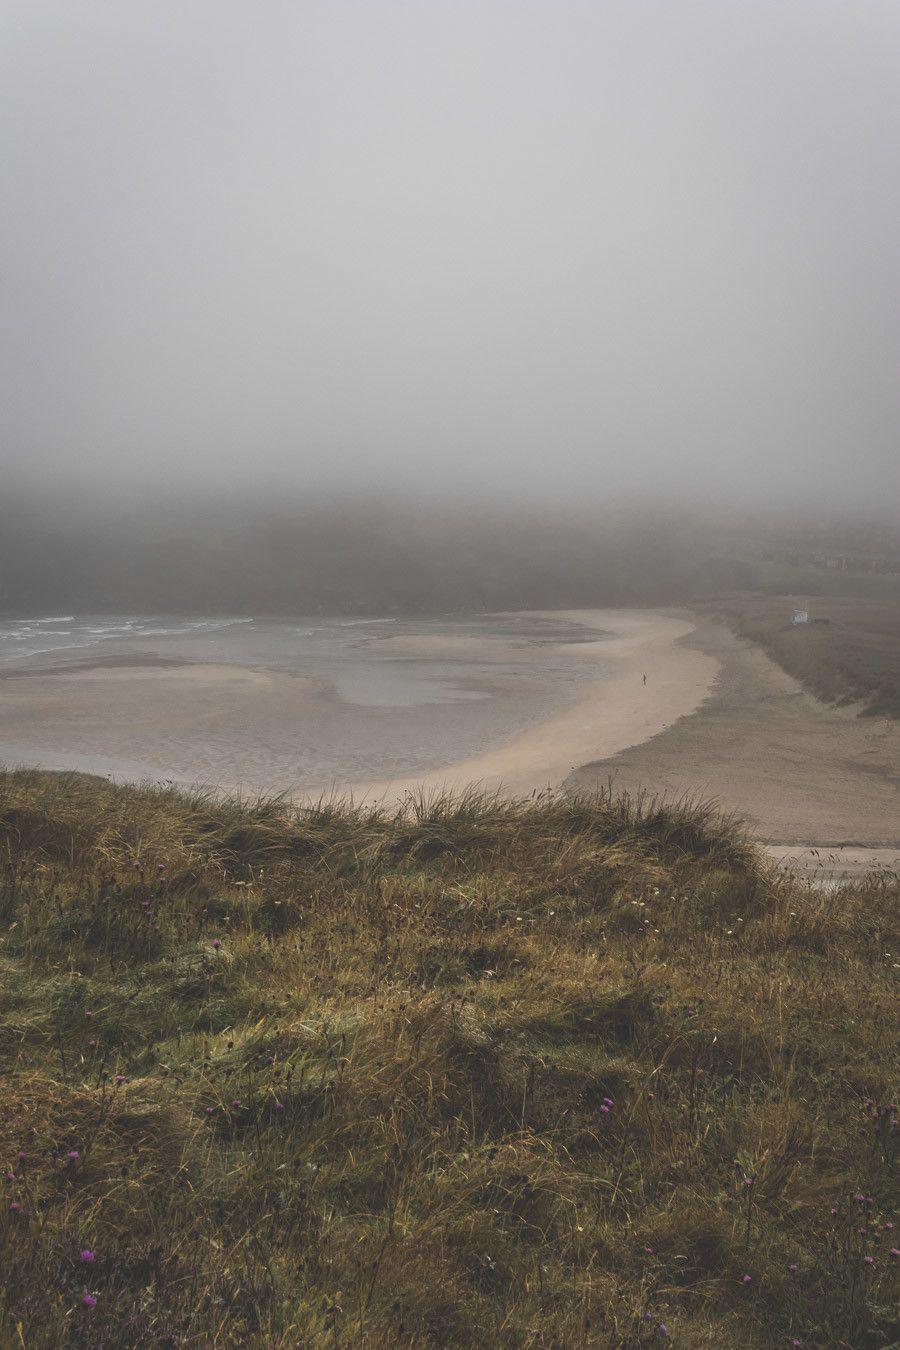 La péninsule de Sheep's Head sous la brume irlandaise